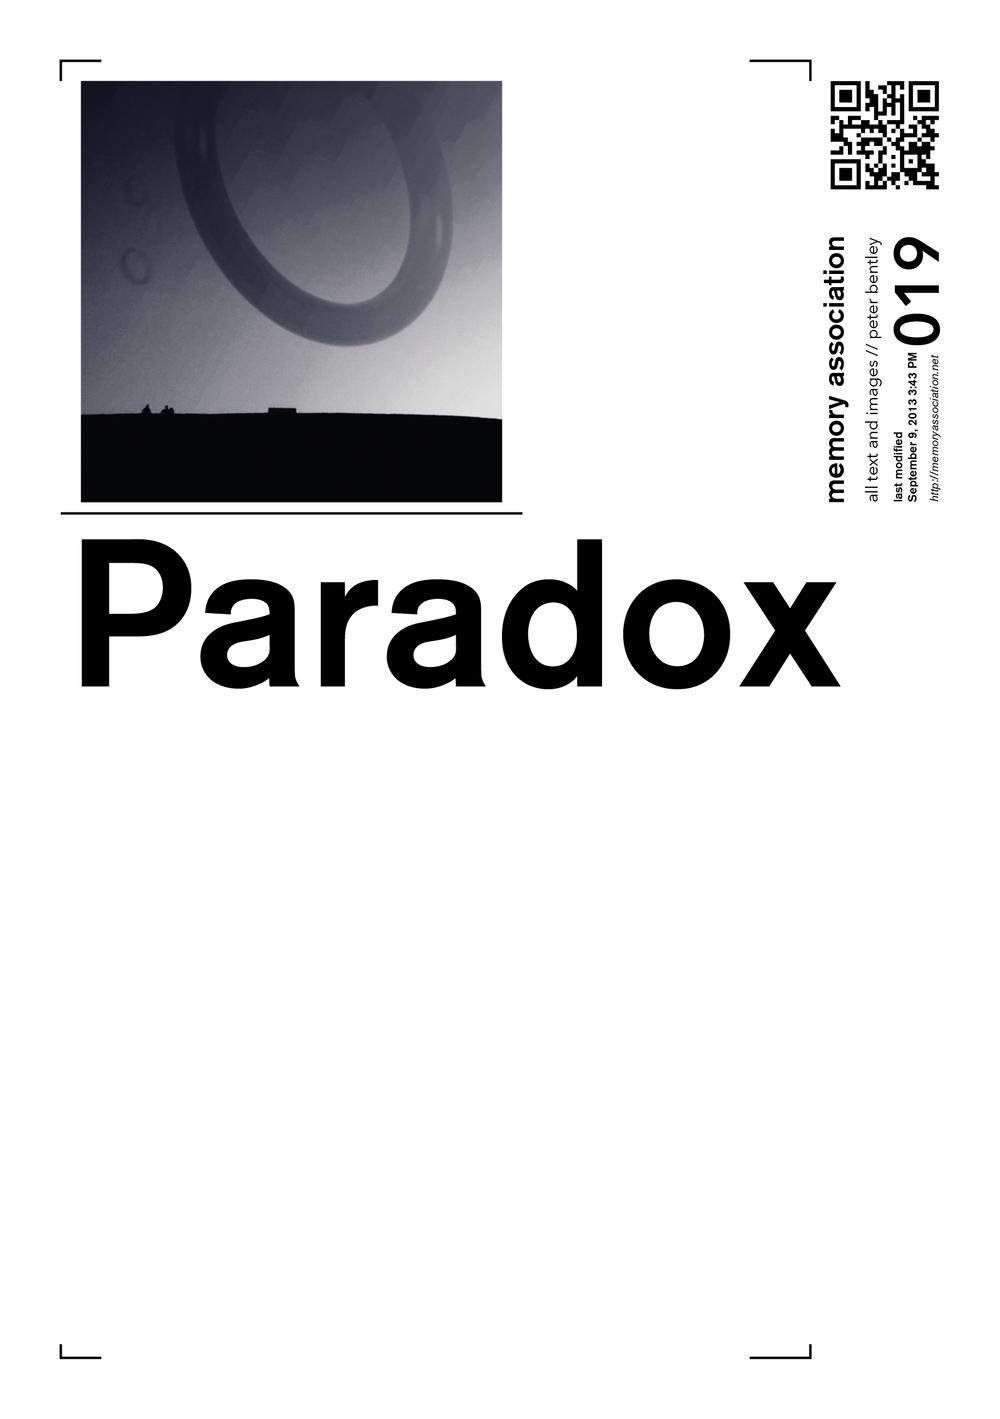 PARADOX_1.png